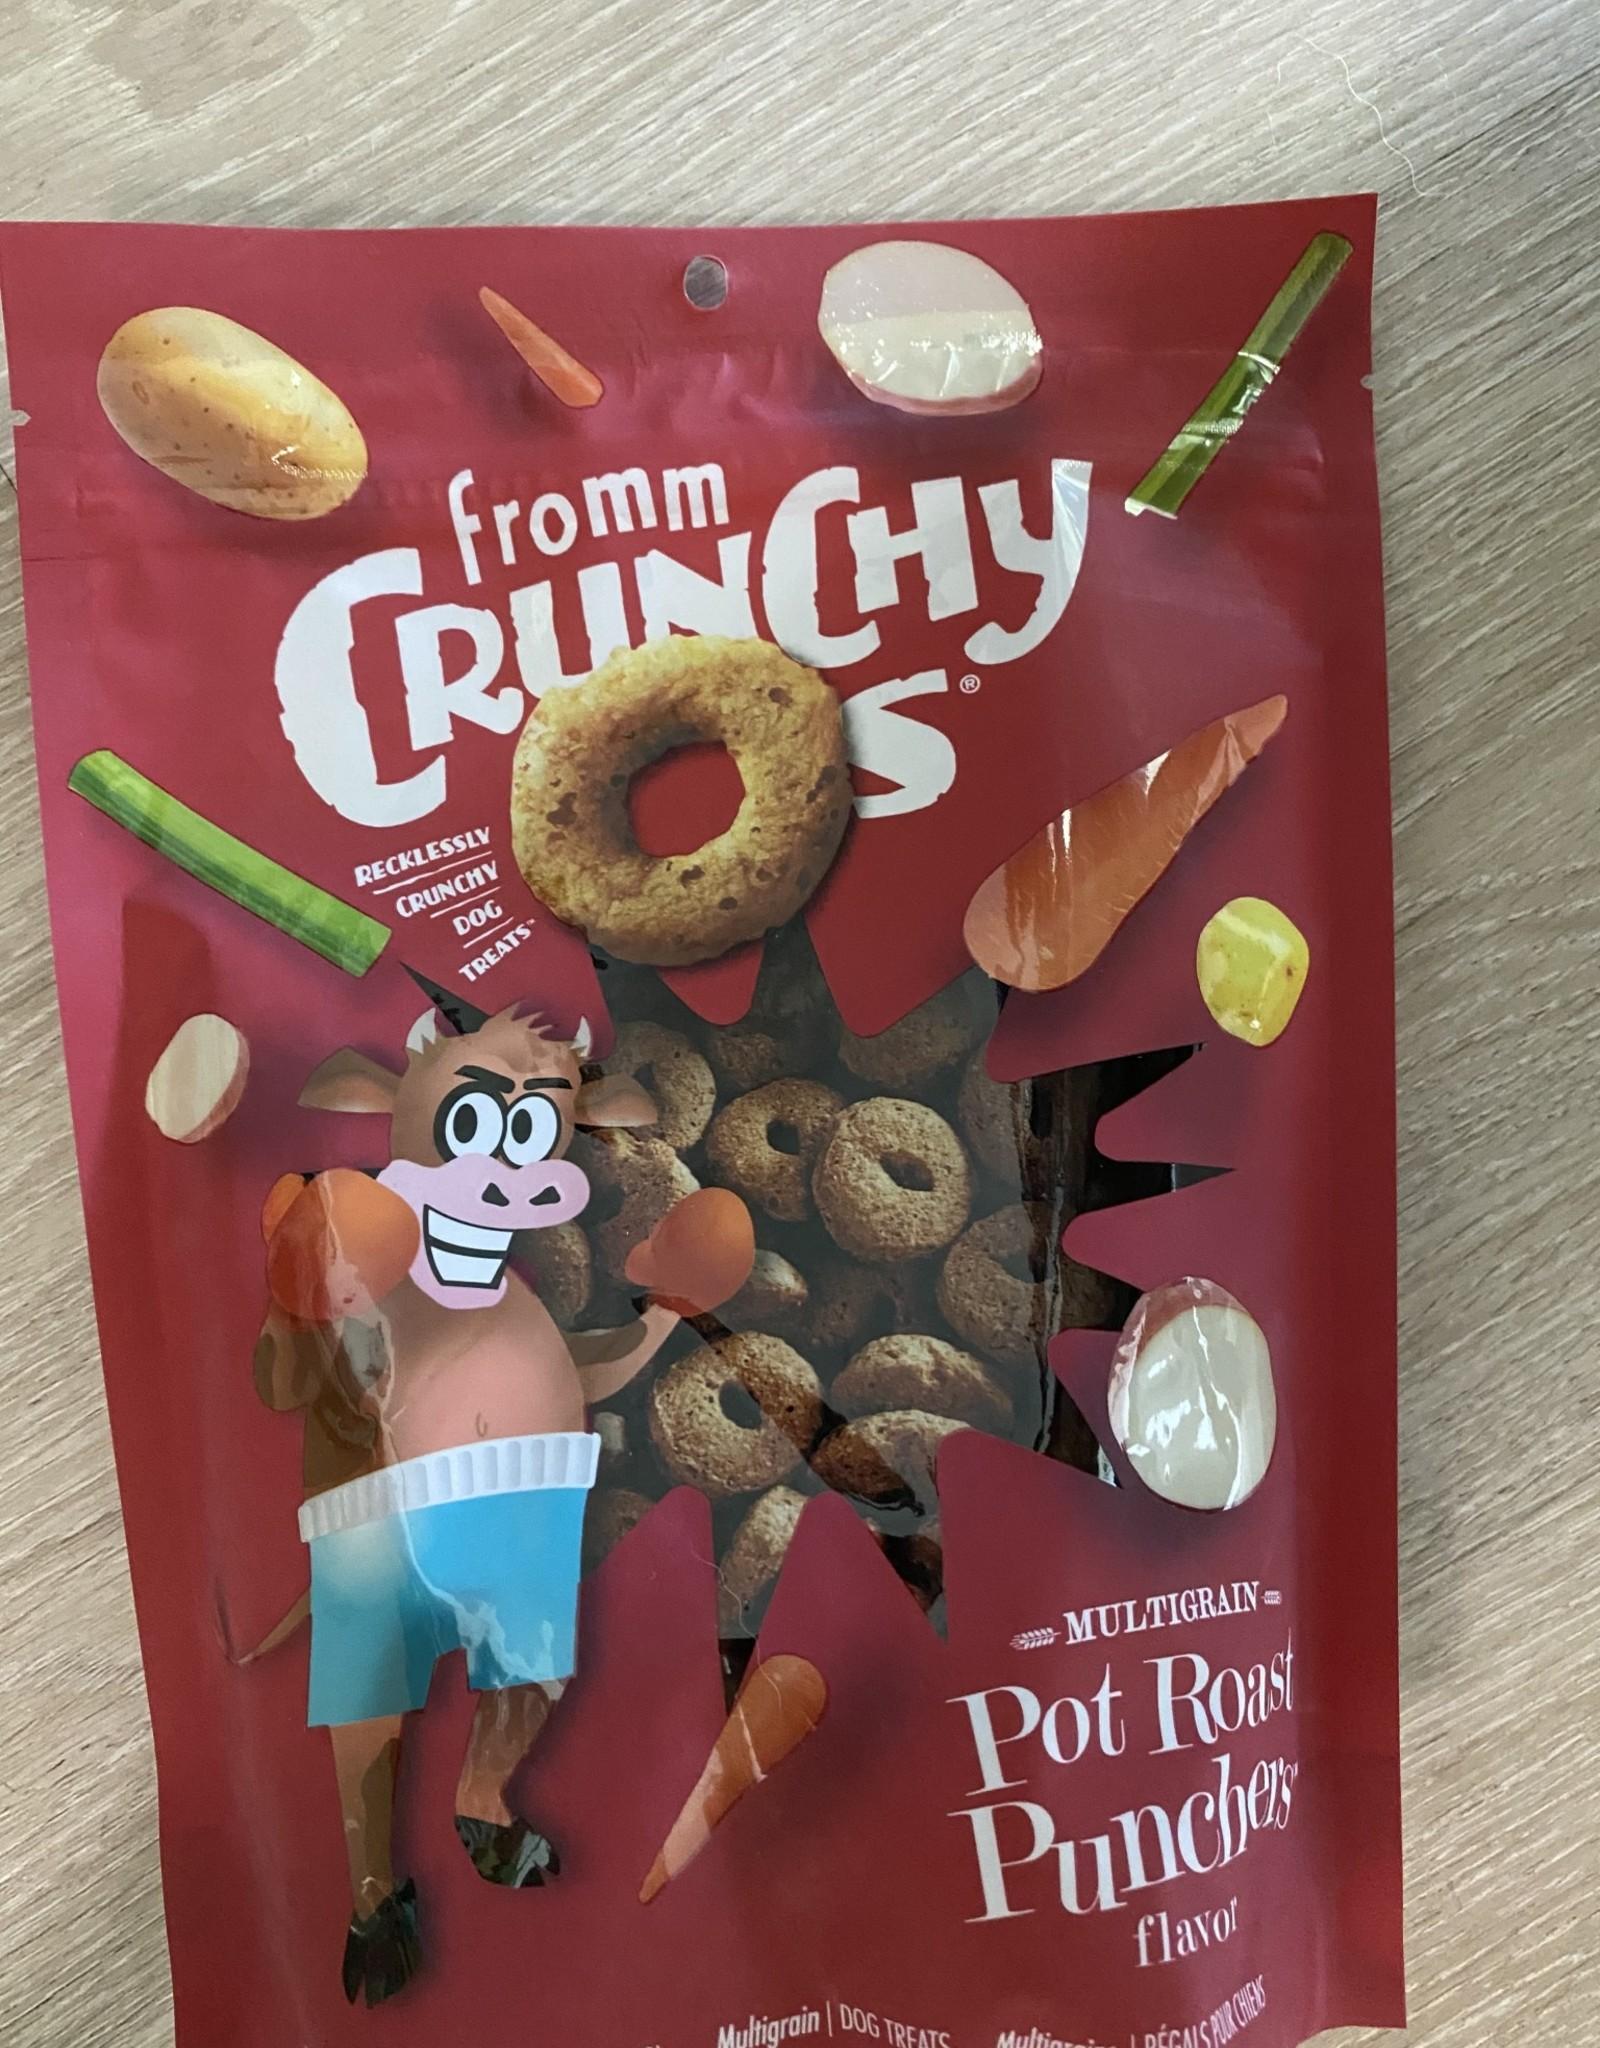 Fromm Crunchy-Os Pot Roast